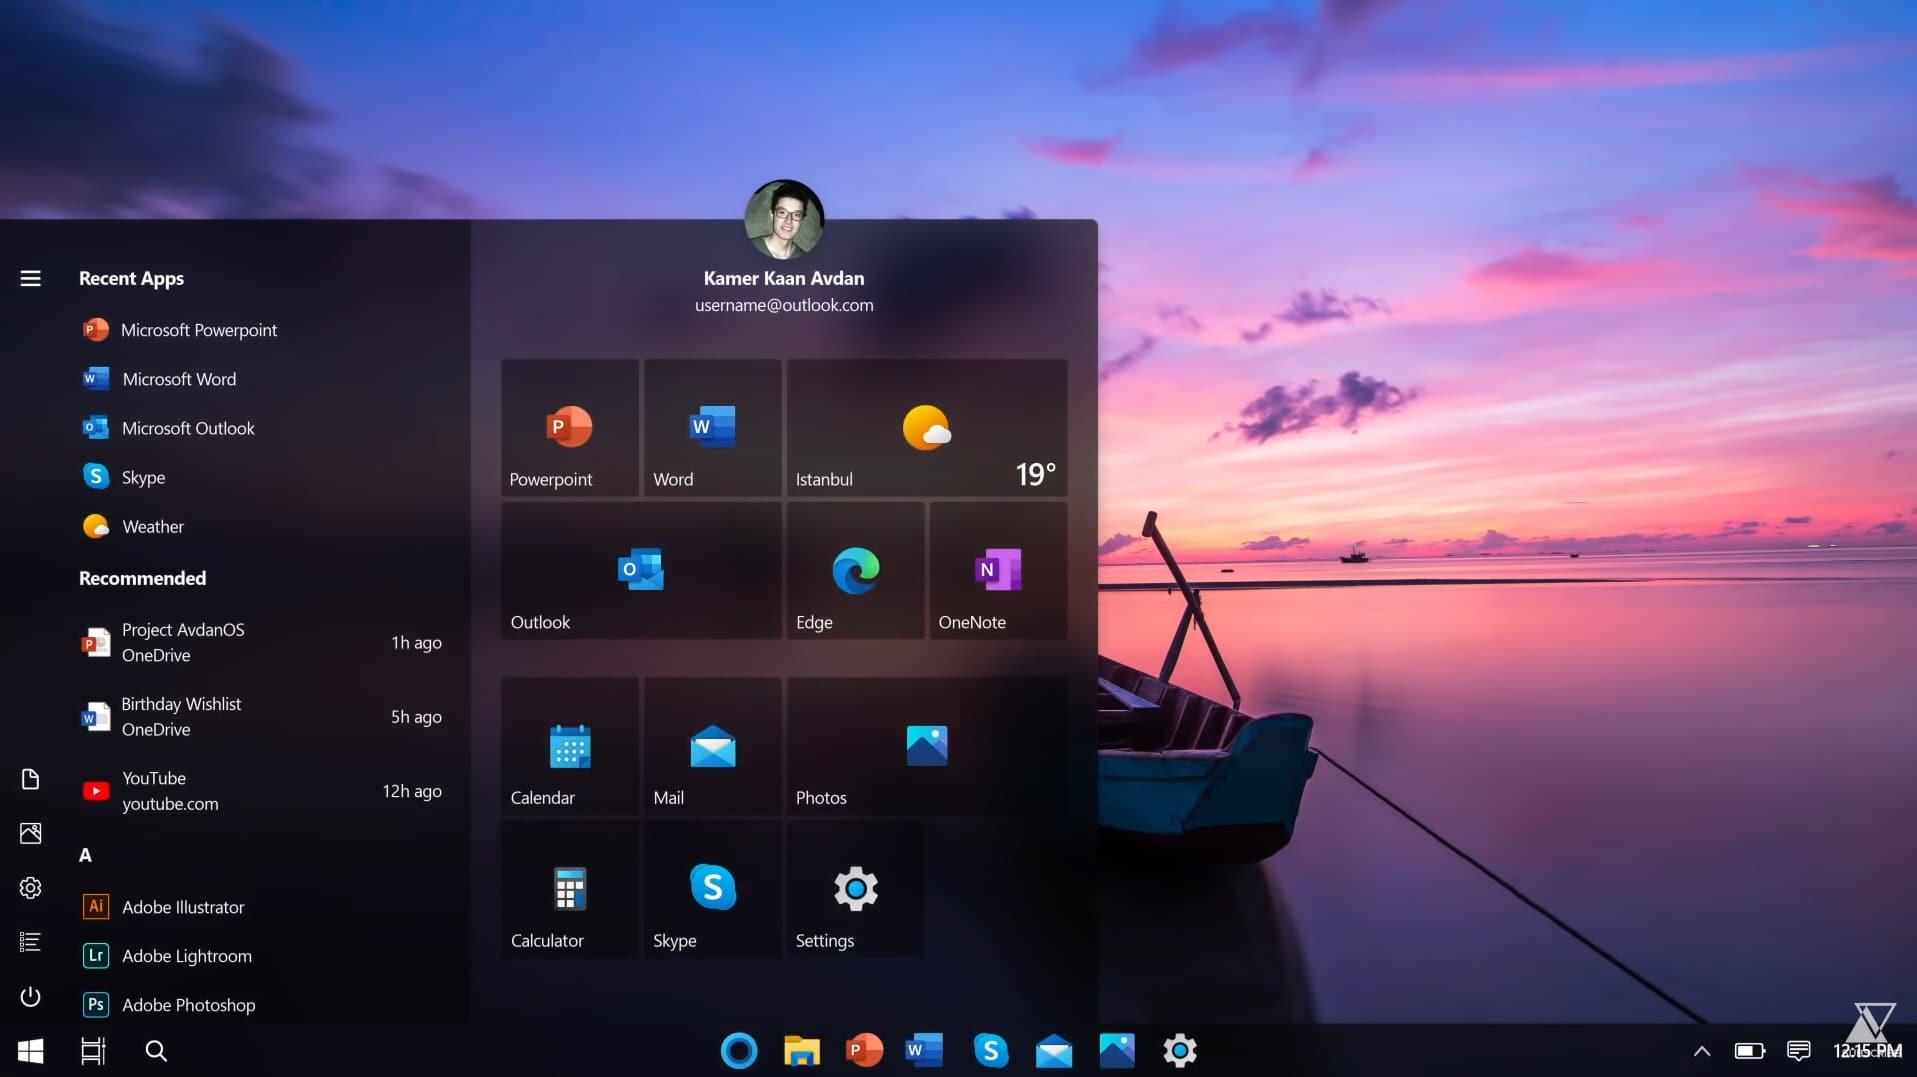 Fehler Bei Wiedergabe Des Testtons Windows 10